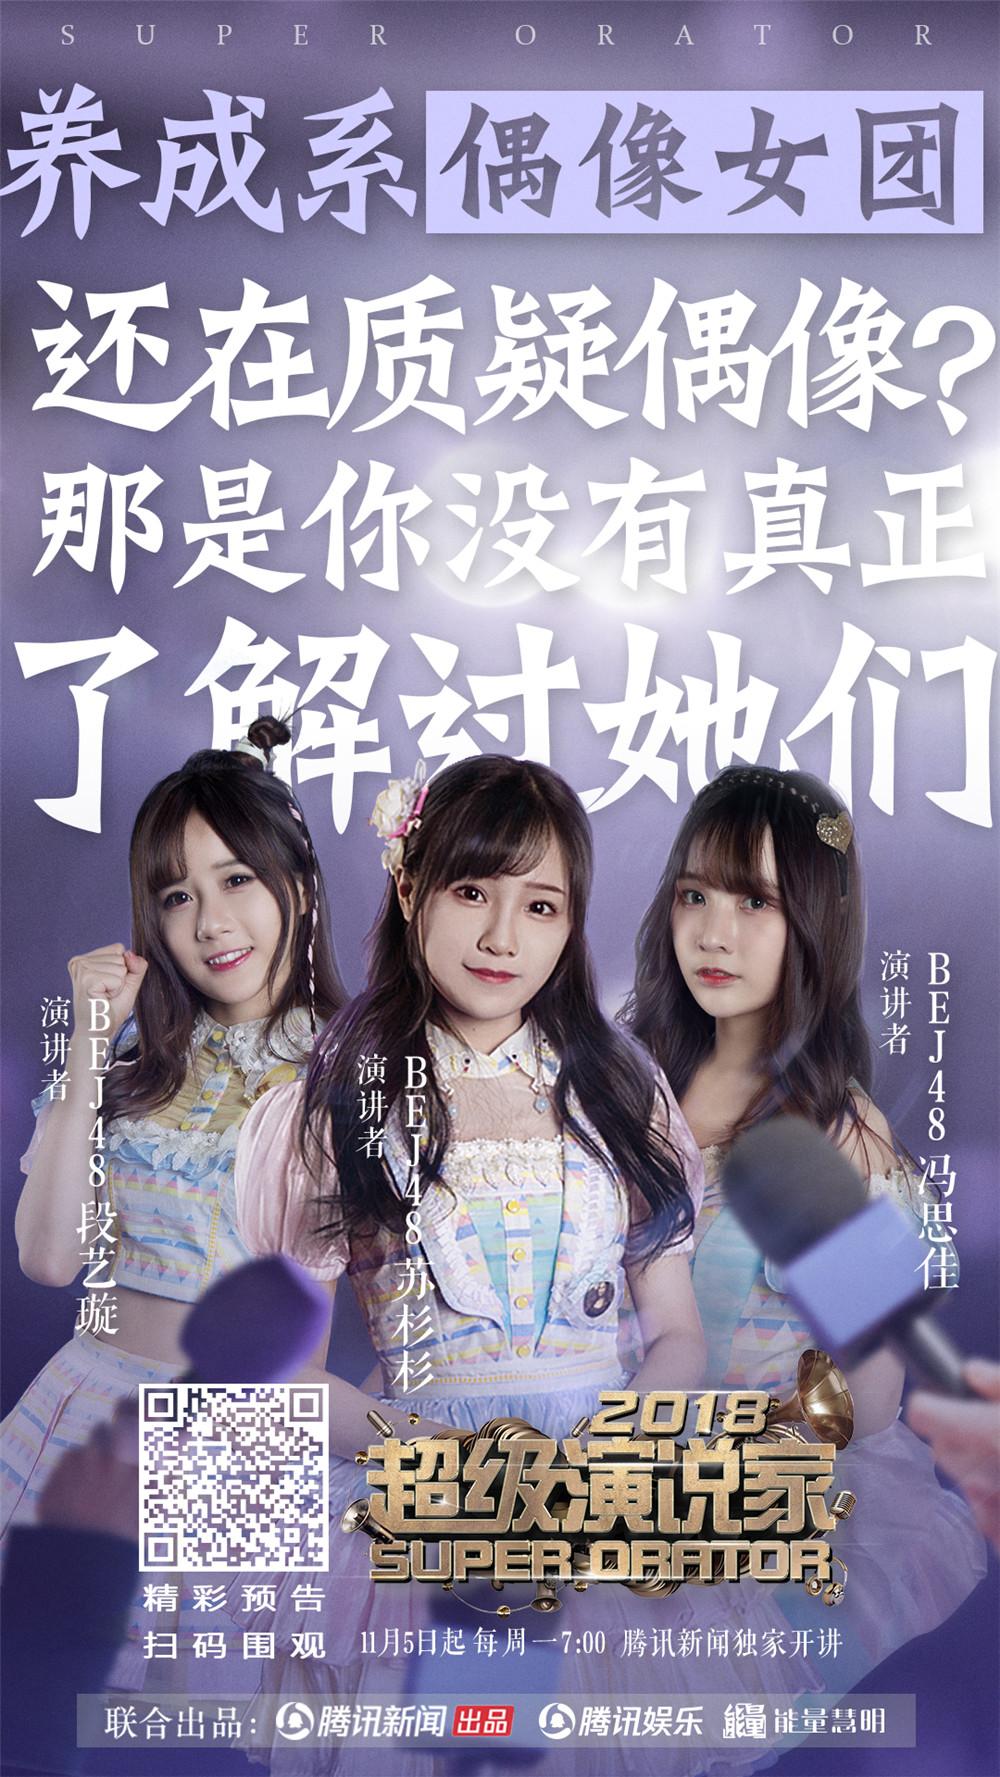 《超级演说家2018》名利场观点争鸣 BEJ48为粉丝发声